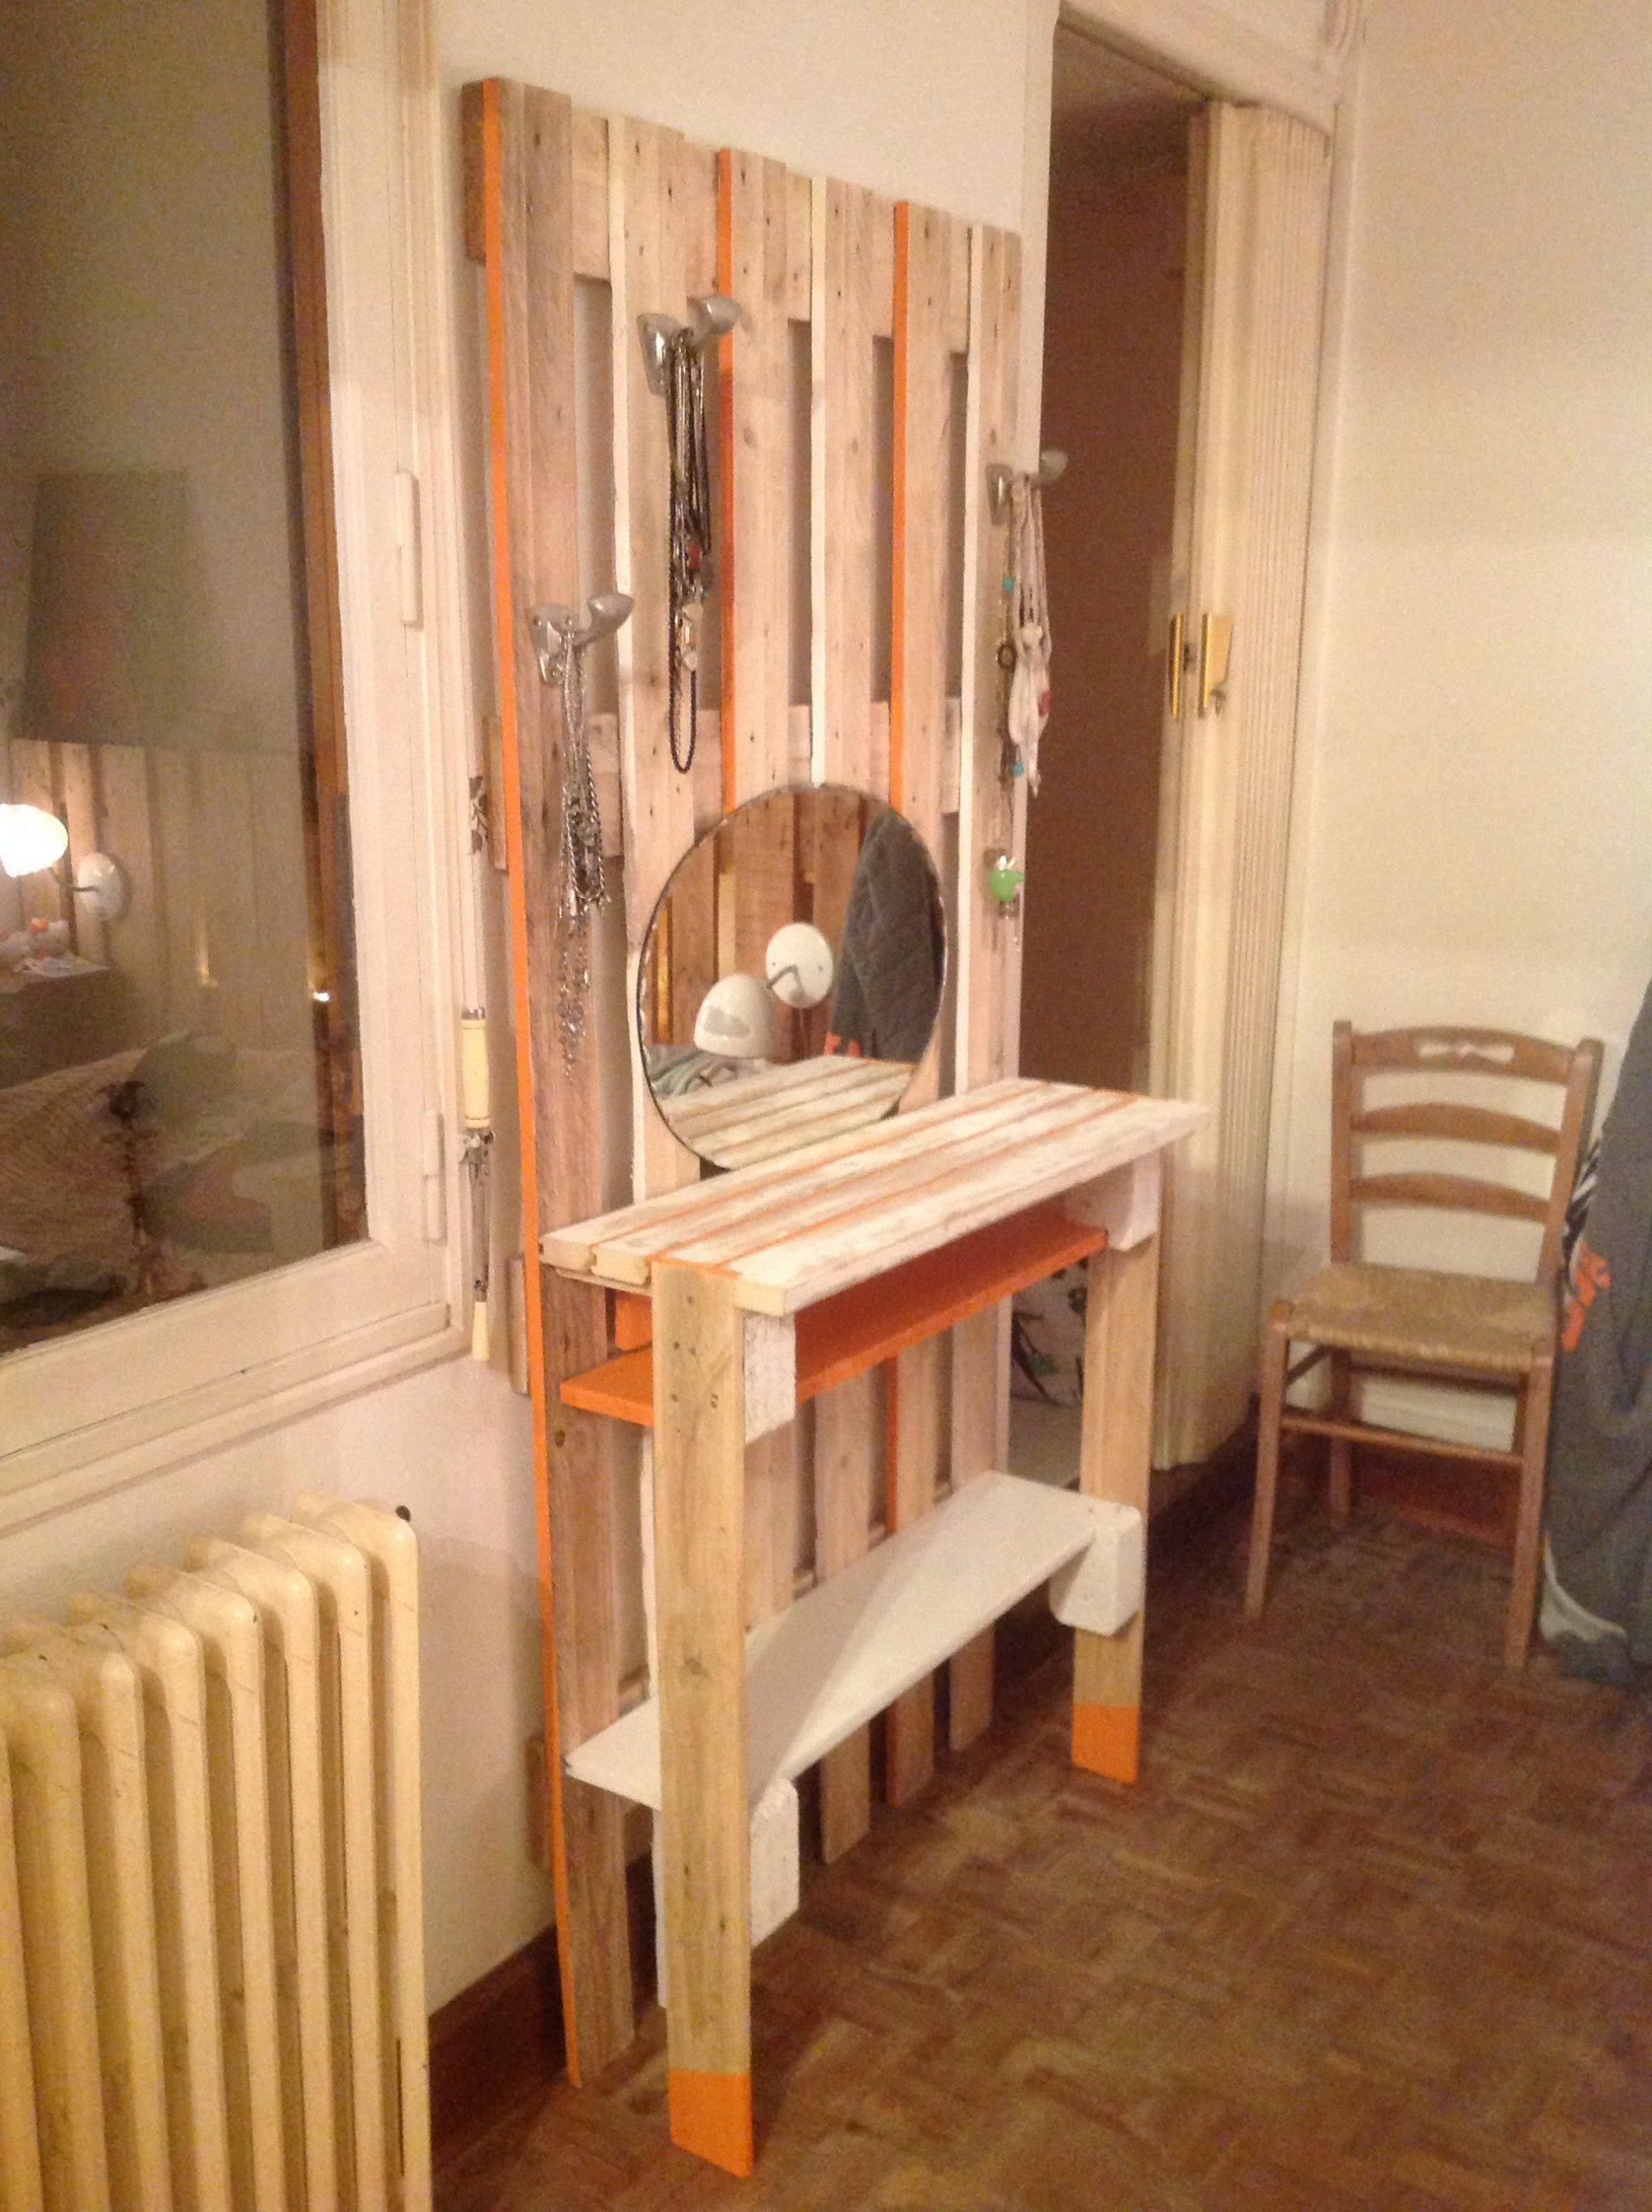 Épinglé Par Amanda Samples Sur Furniture To Build   Meuble concernant Coiffeuse En Palette